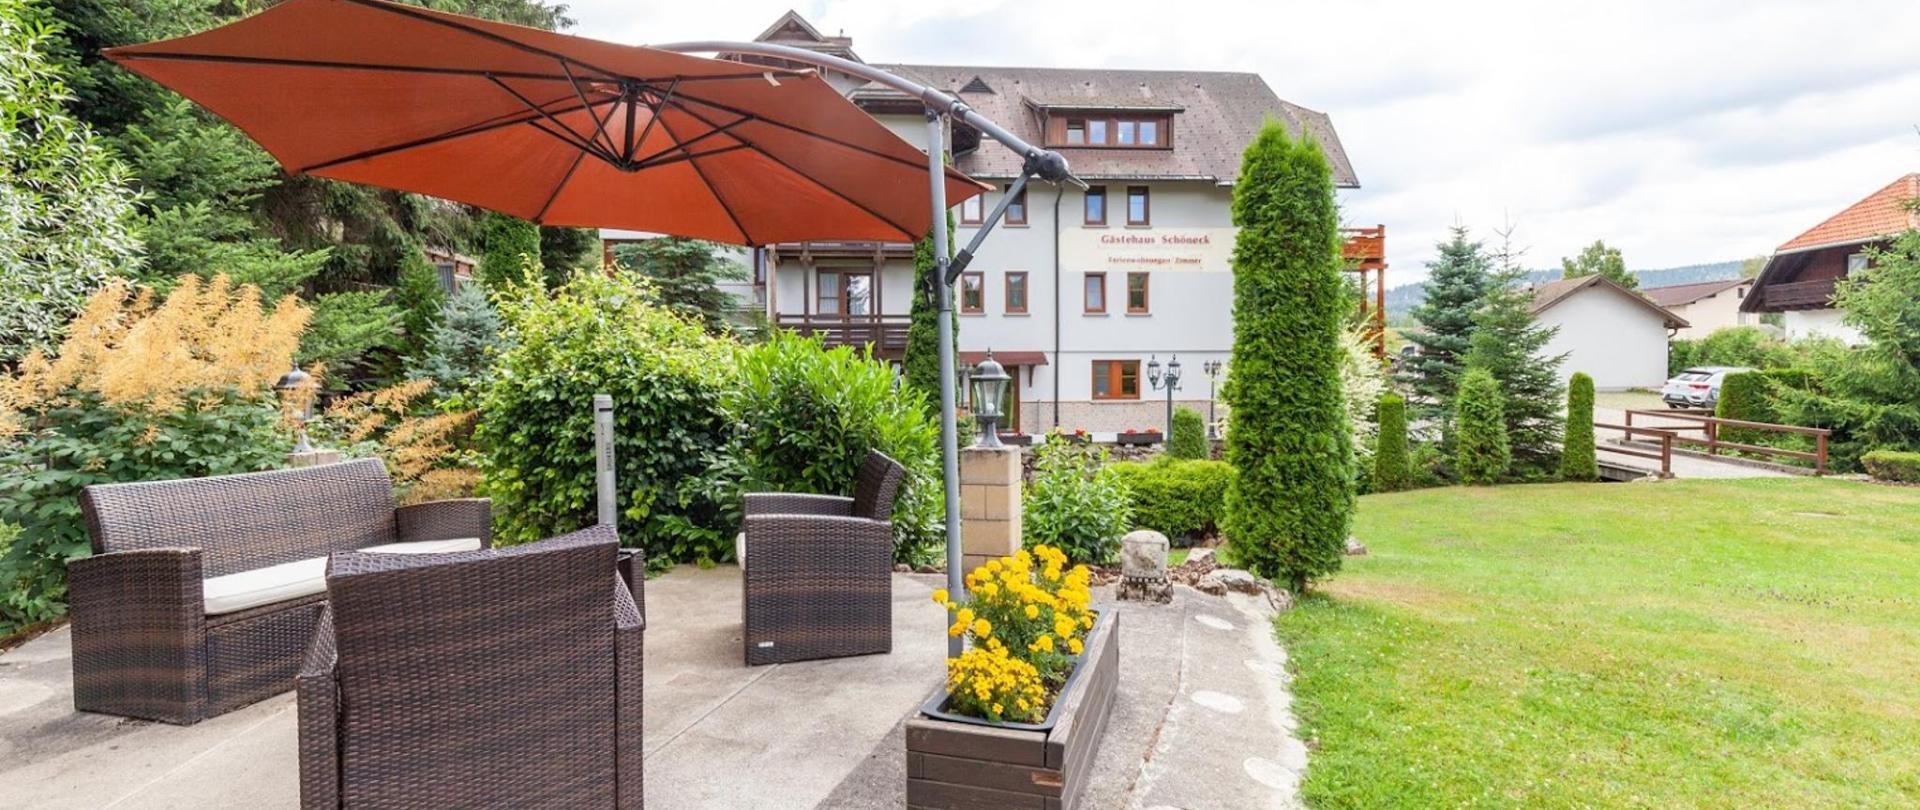 Hotel Schöneck Garni - Schluchsee - Hochschwarzwald